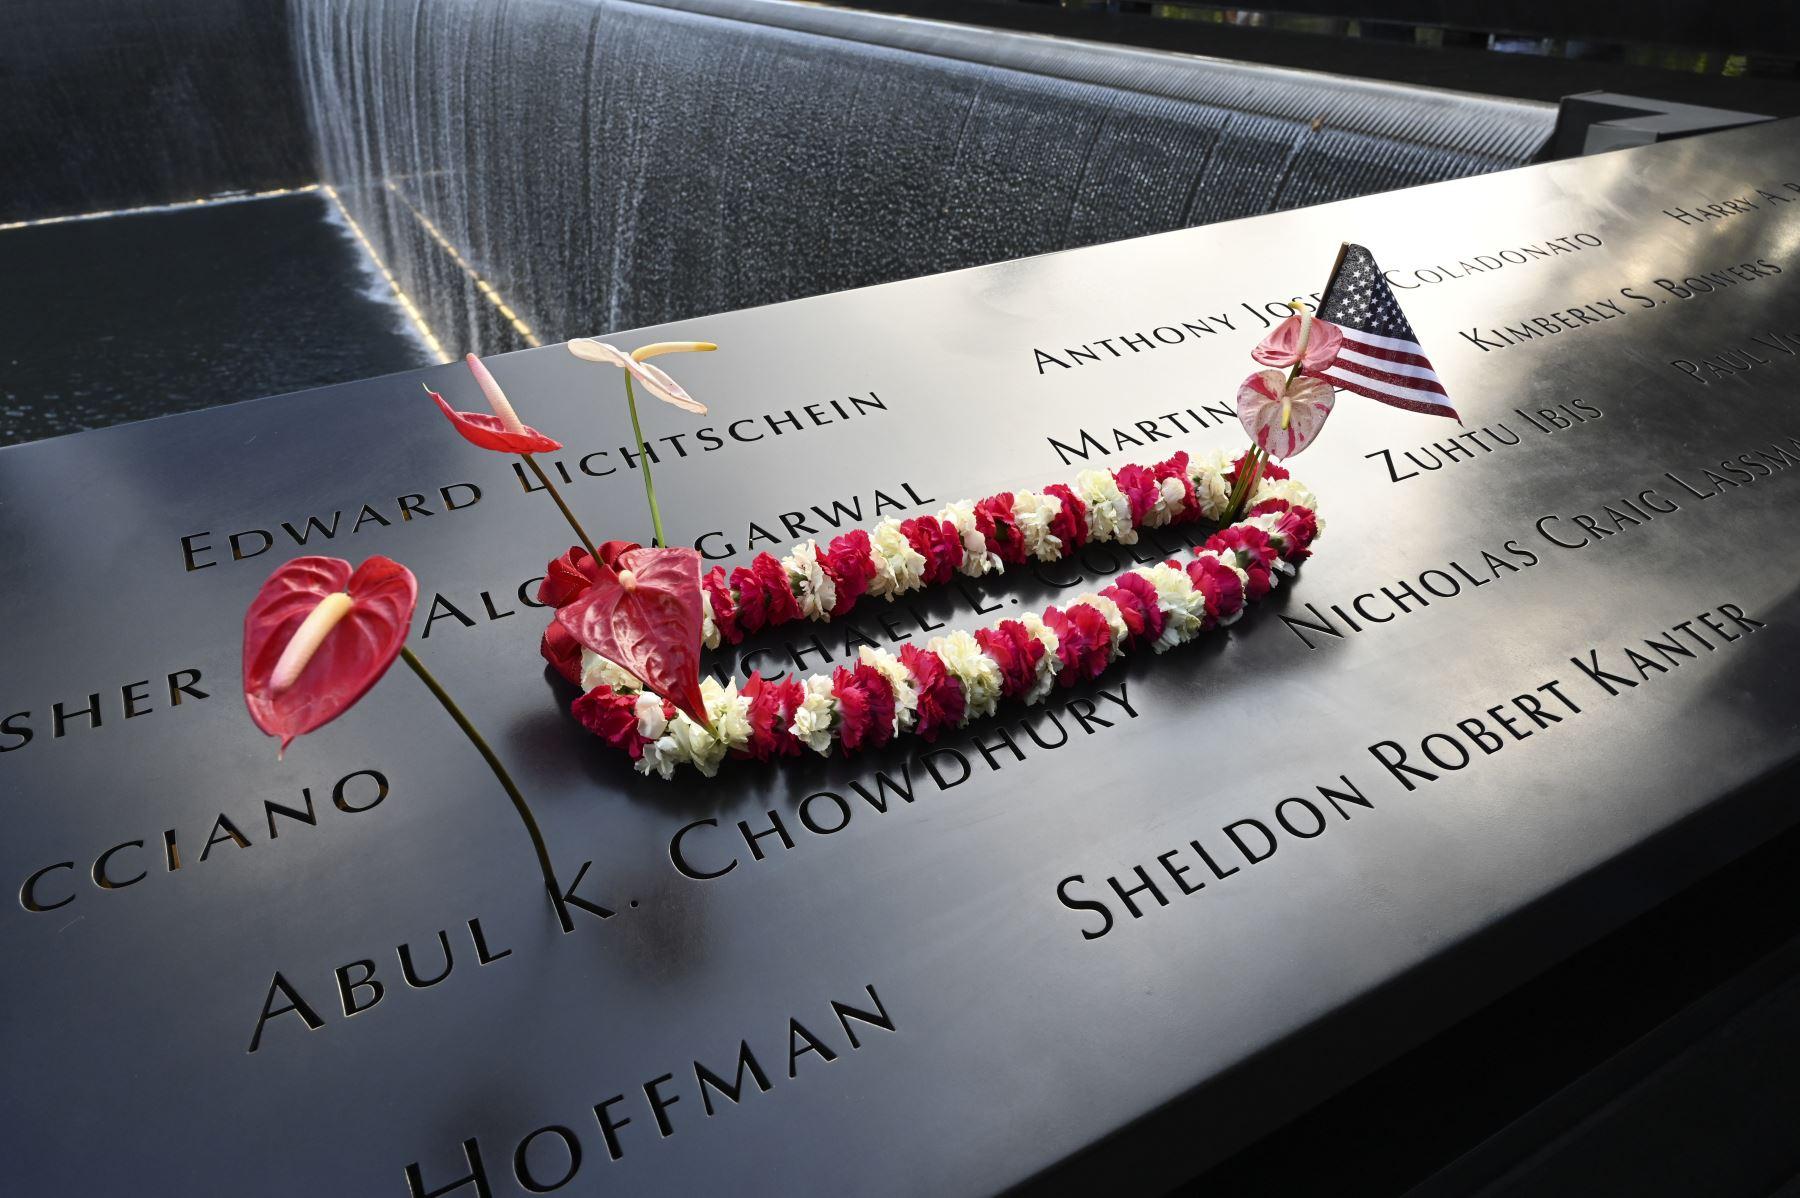 Se coloca un arreglo floral durante la Ceremonia de Conmemoración del 11 de septiembre en el World Trade Center  en Nueva York.  Foto: AFP